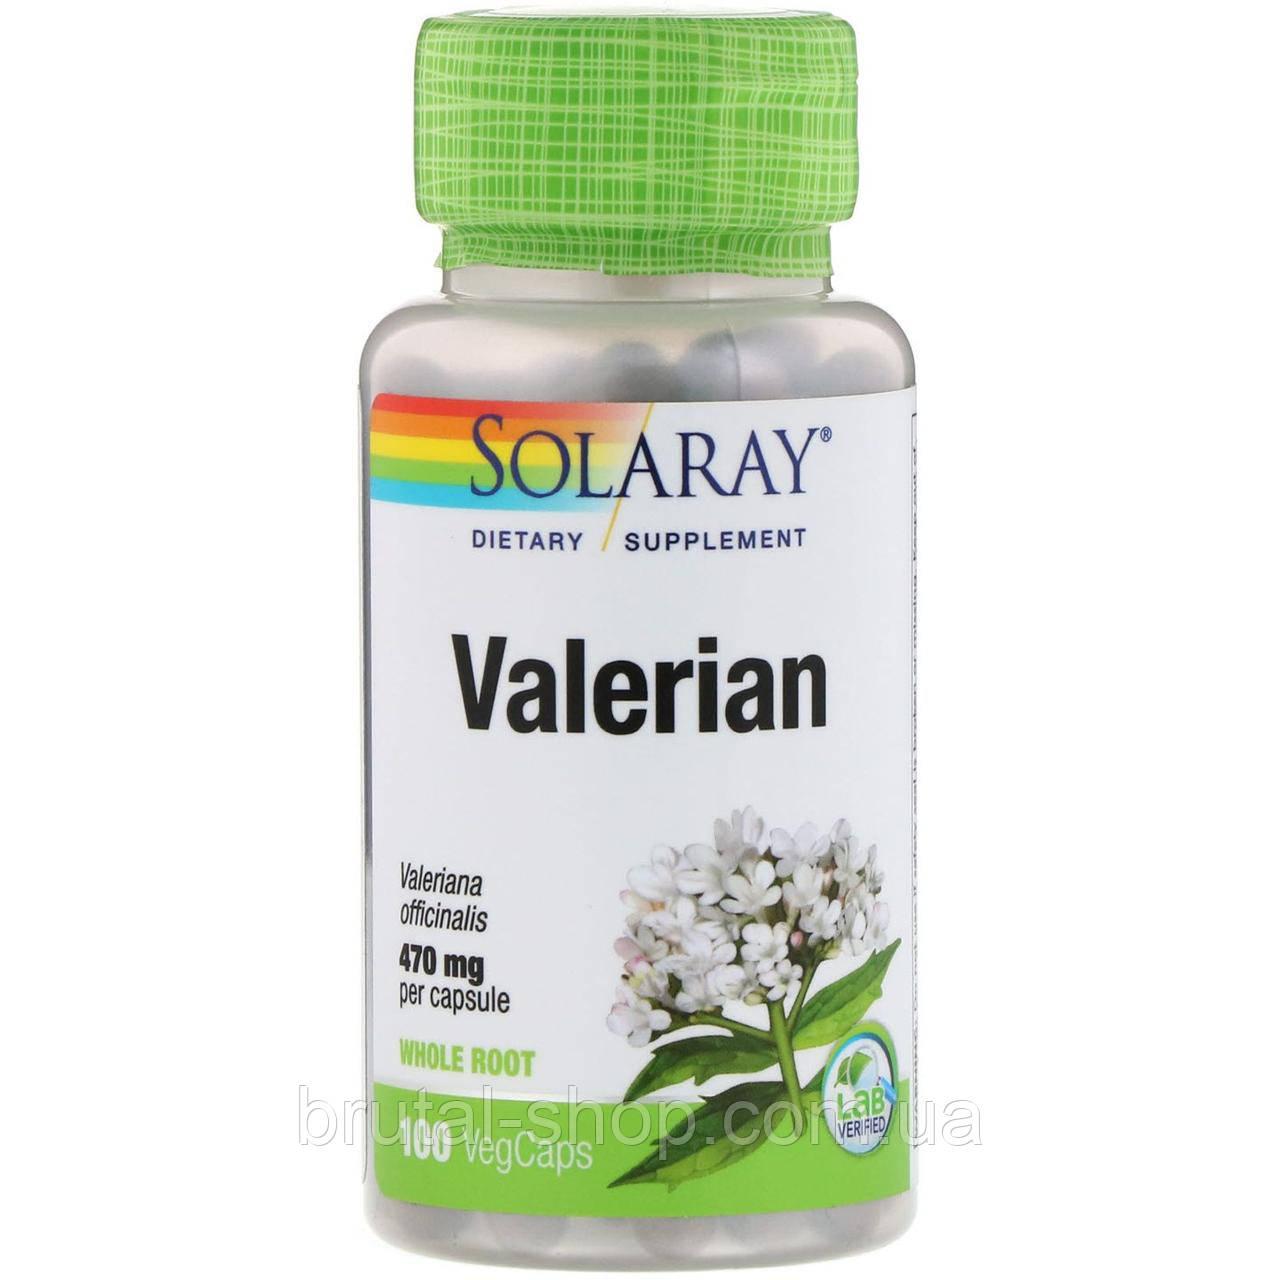 Валериана,   Solaray Valerian 470 mg (100caps)